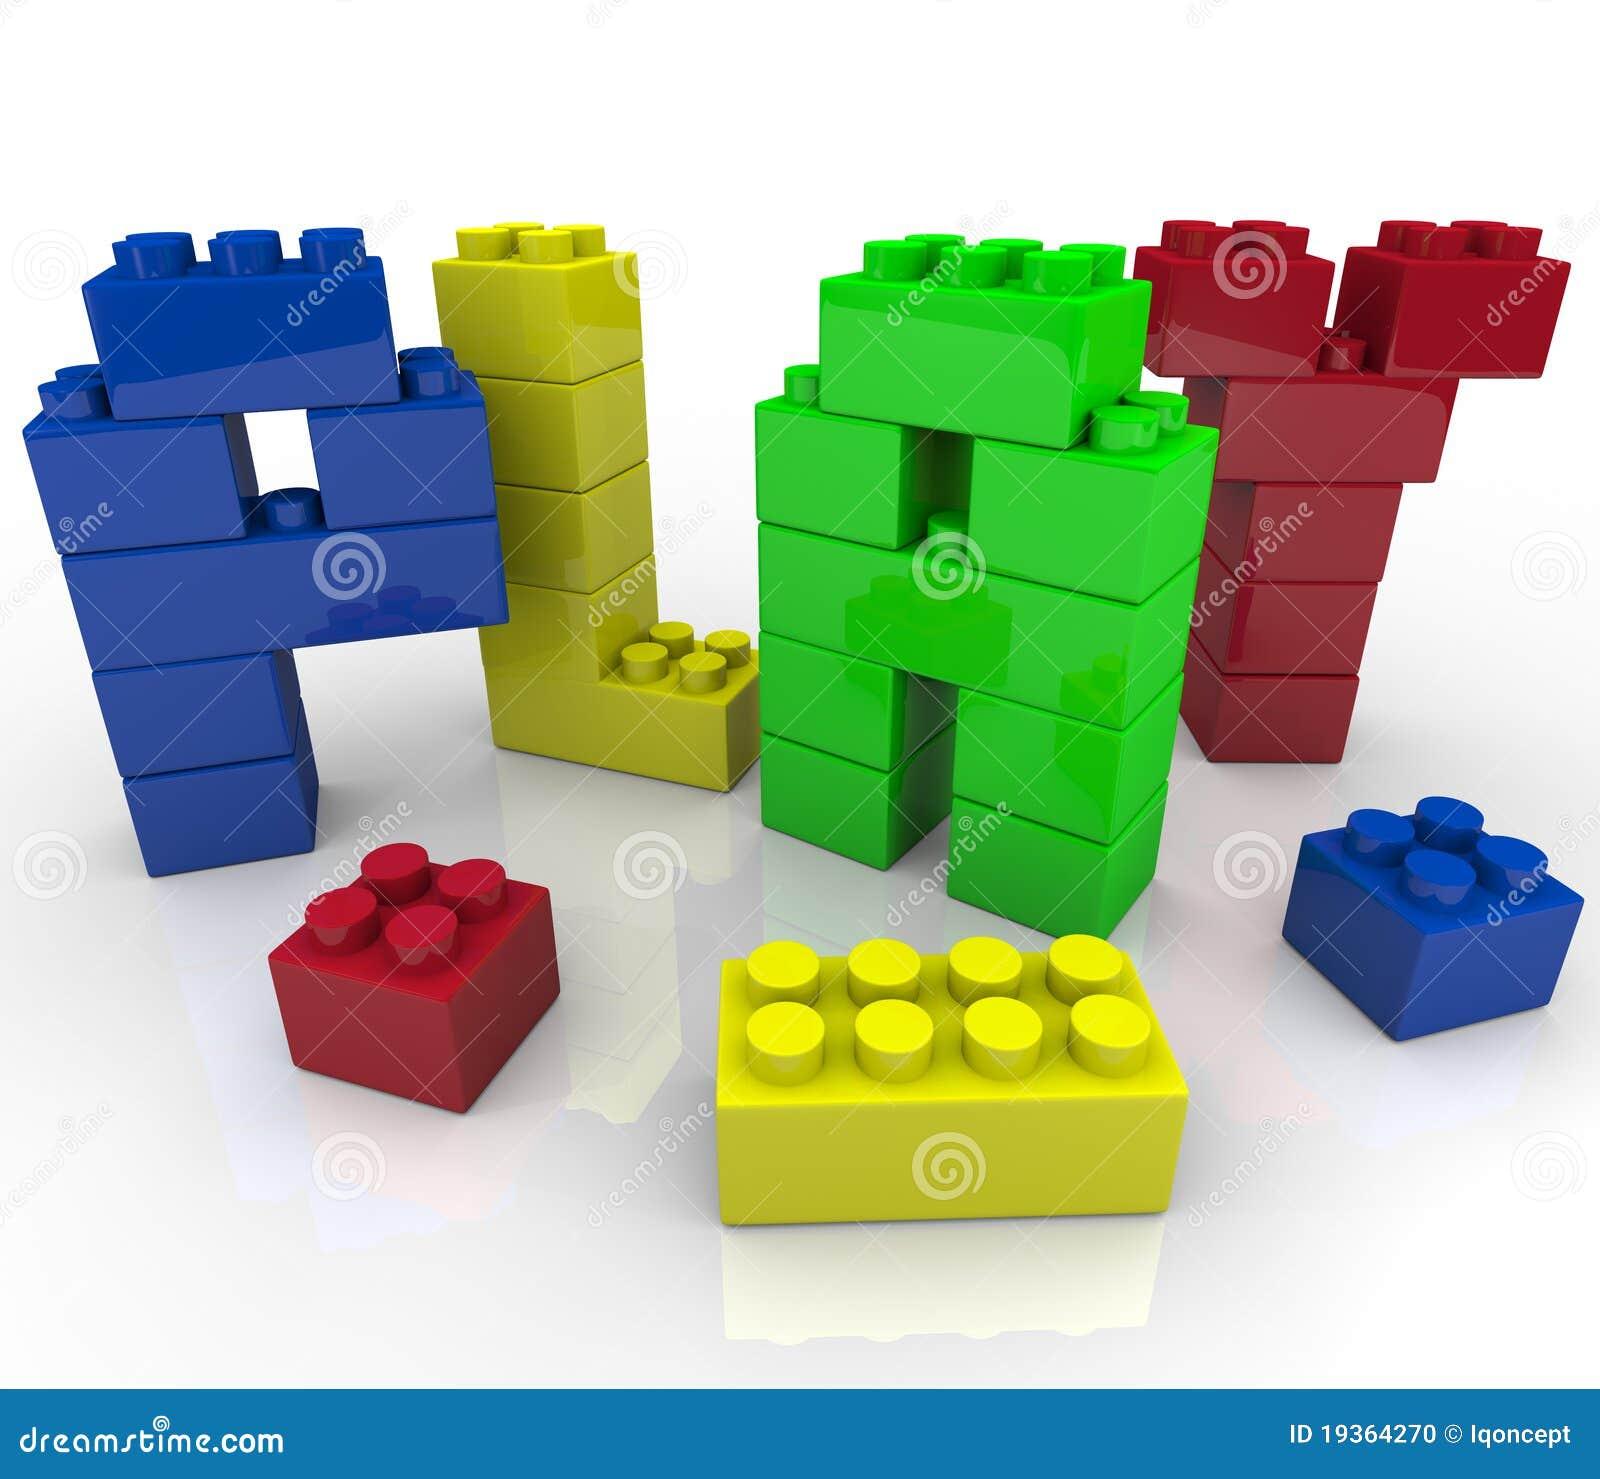 Aprendizagem creativa e imaginativa do jogo -